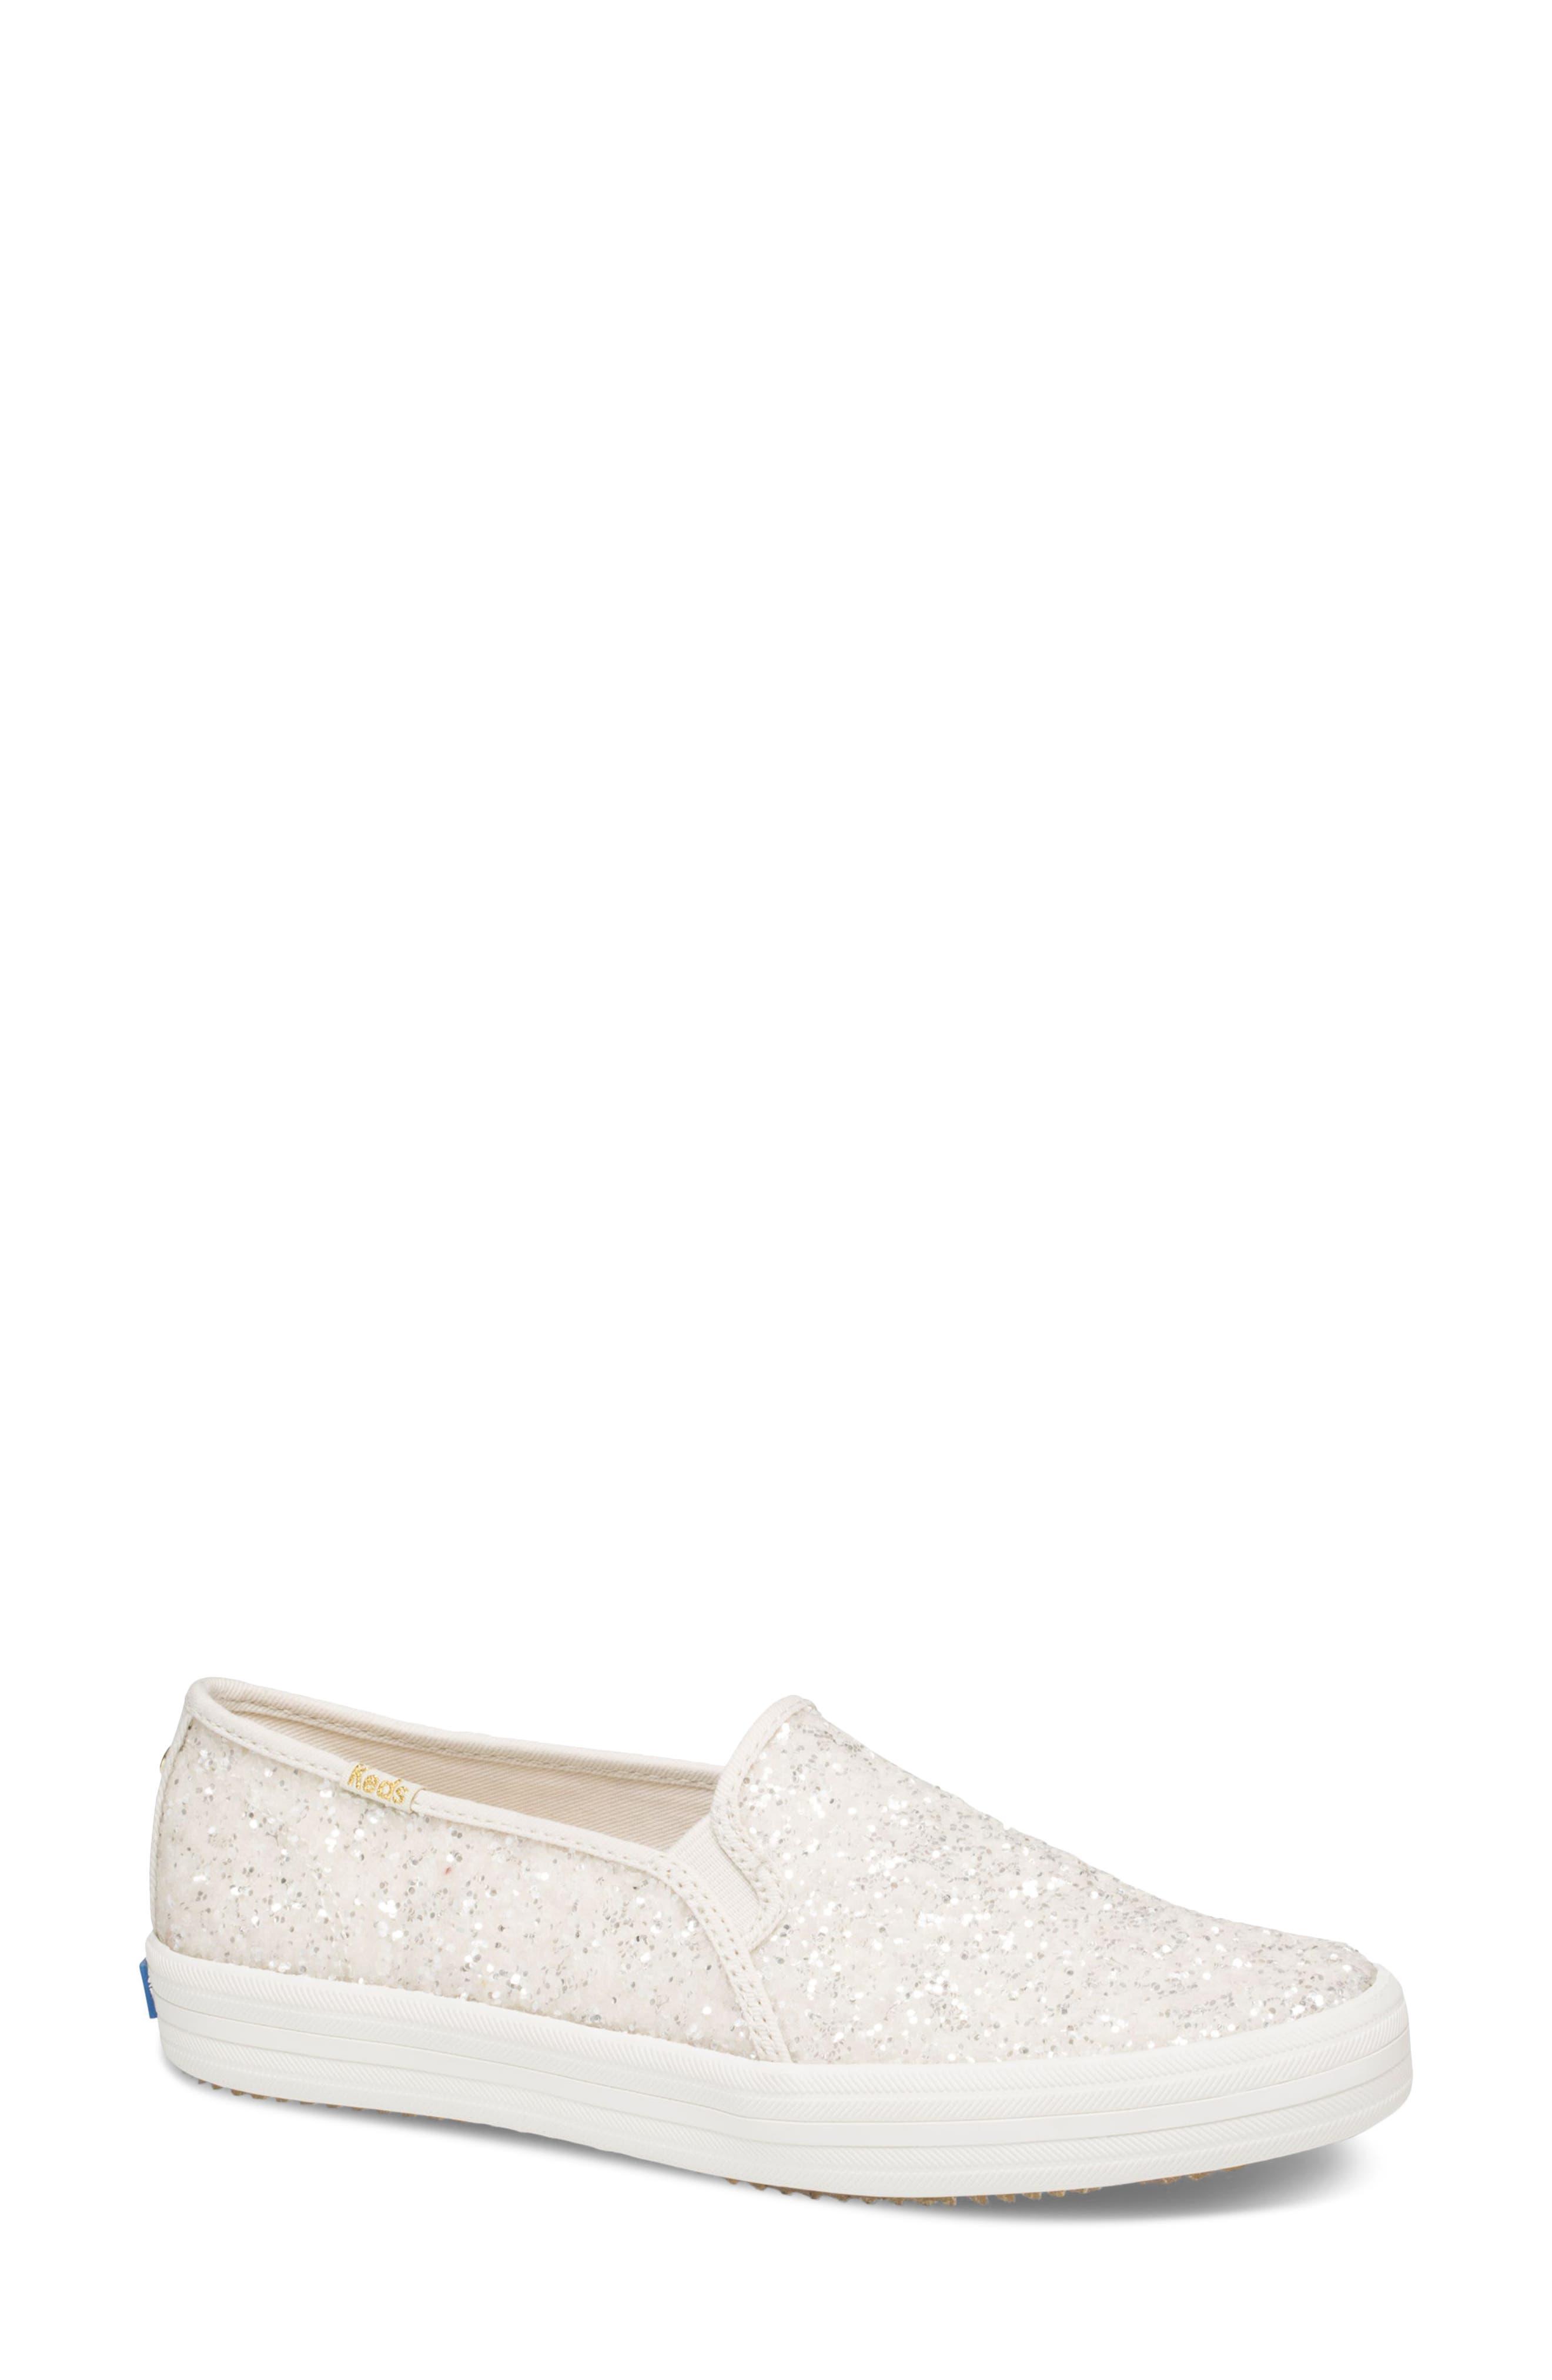 Women's Keds For Kate Spade New York Double Decker Glitter Slip-On Sneaker